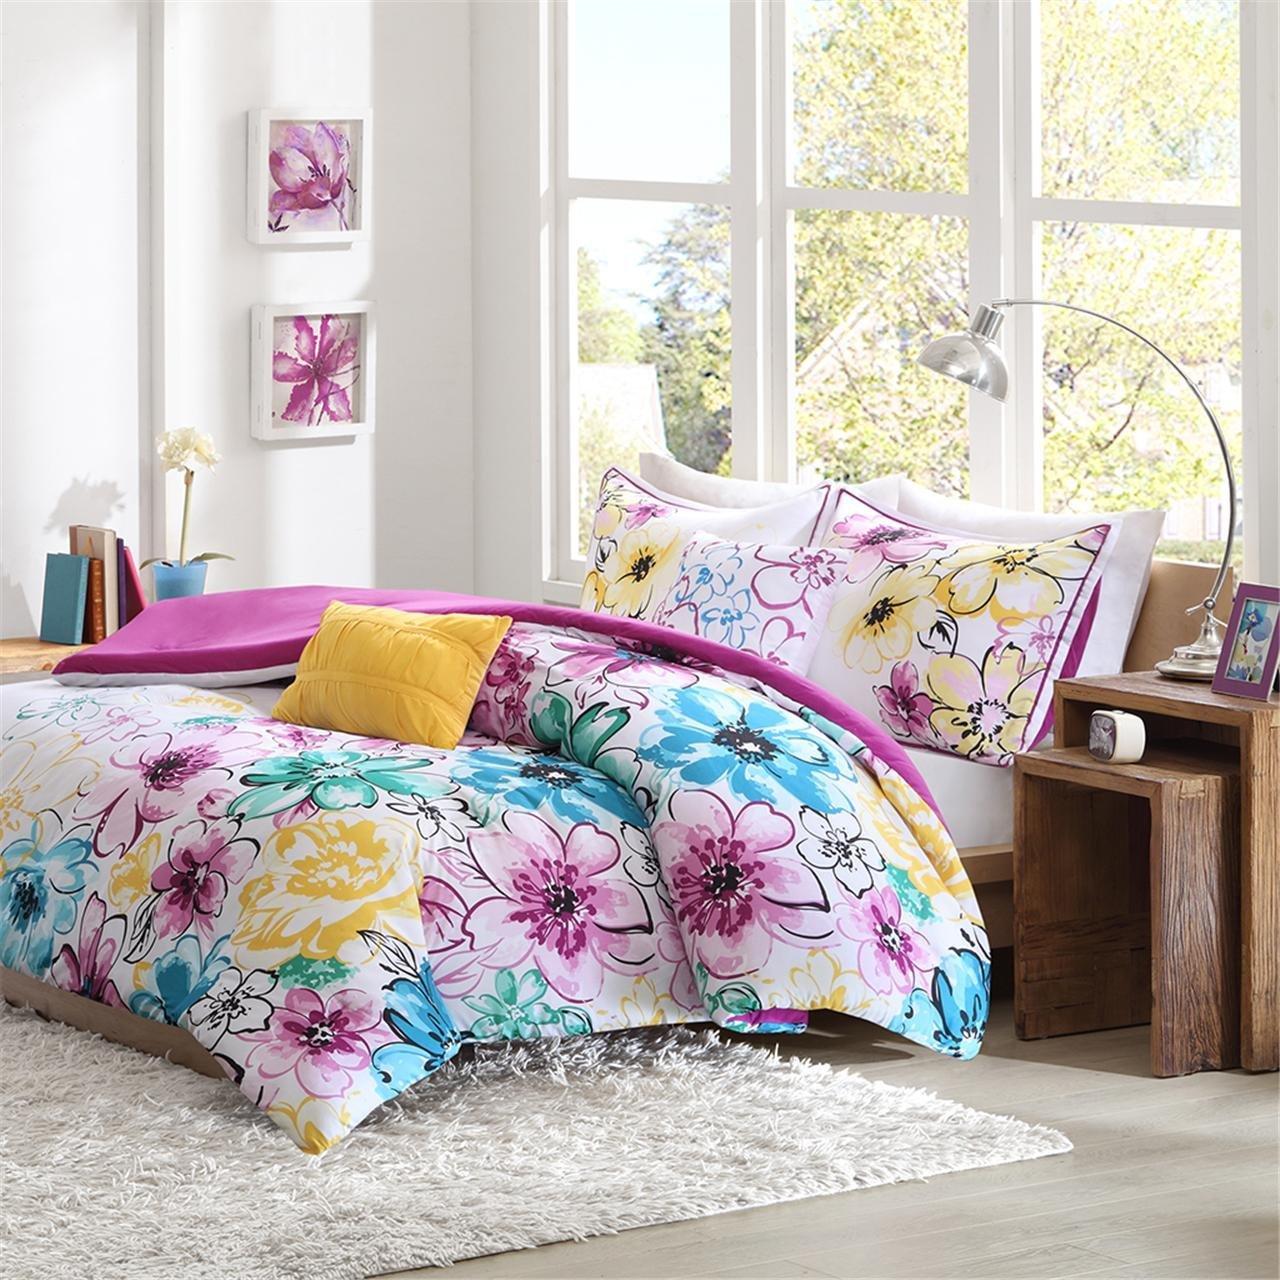 Intelligent Design Olivia Comforter Set King/Cal King Size - Purple Blue, Floral – 5 Piece Bed Sets – Ultra Soft Microfiber Teen Bedding for Girls Bedroom